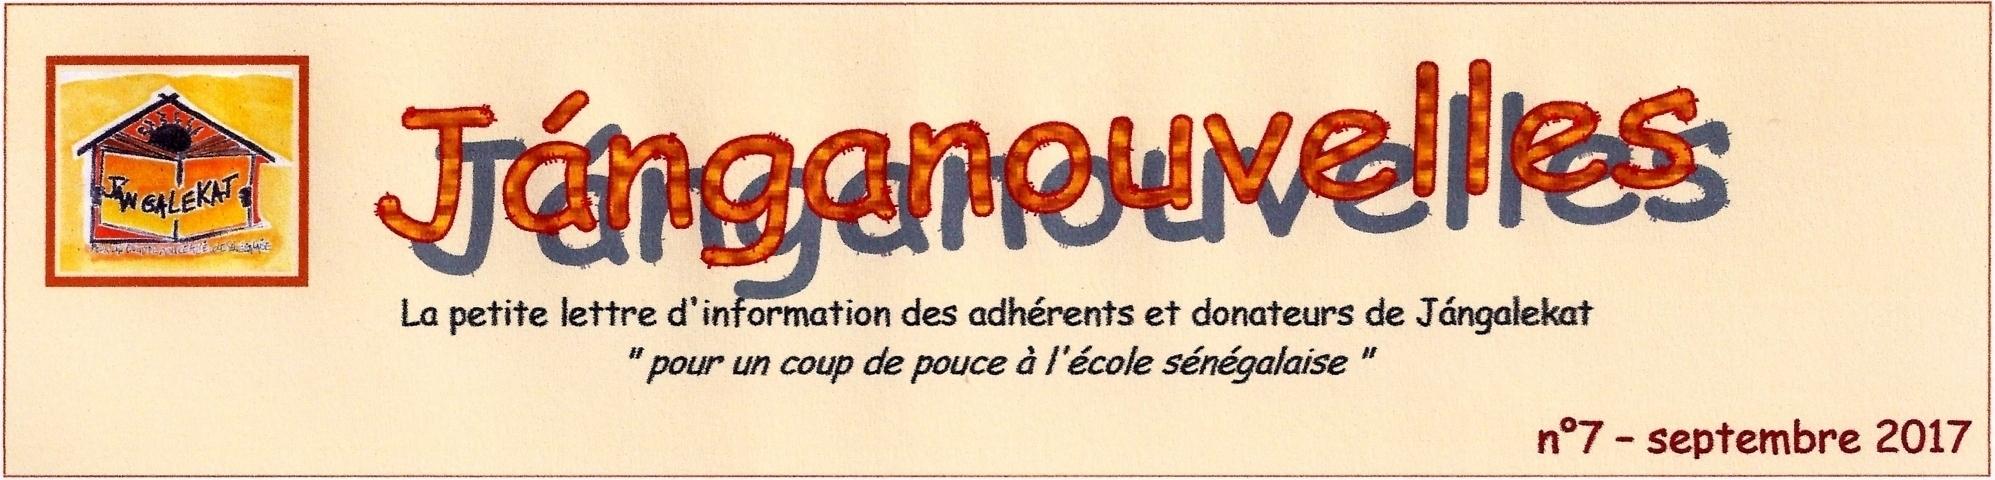 Janganouvelles n°7